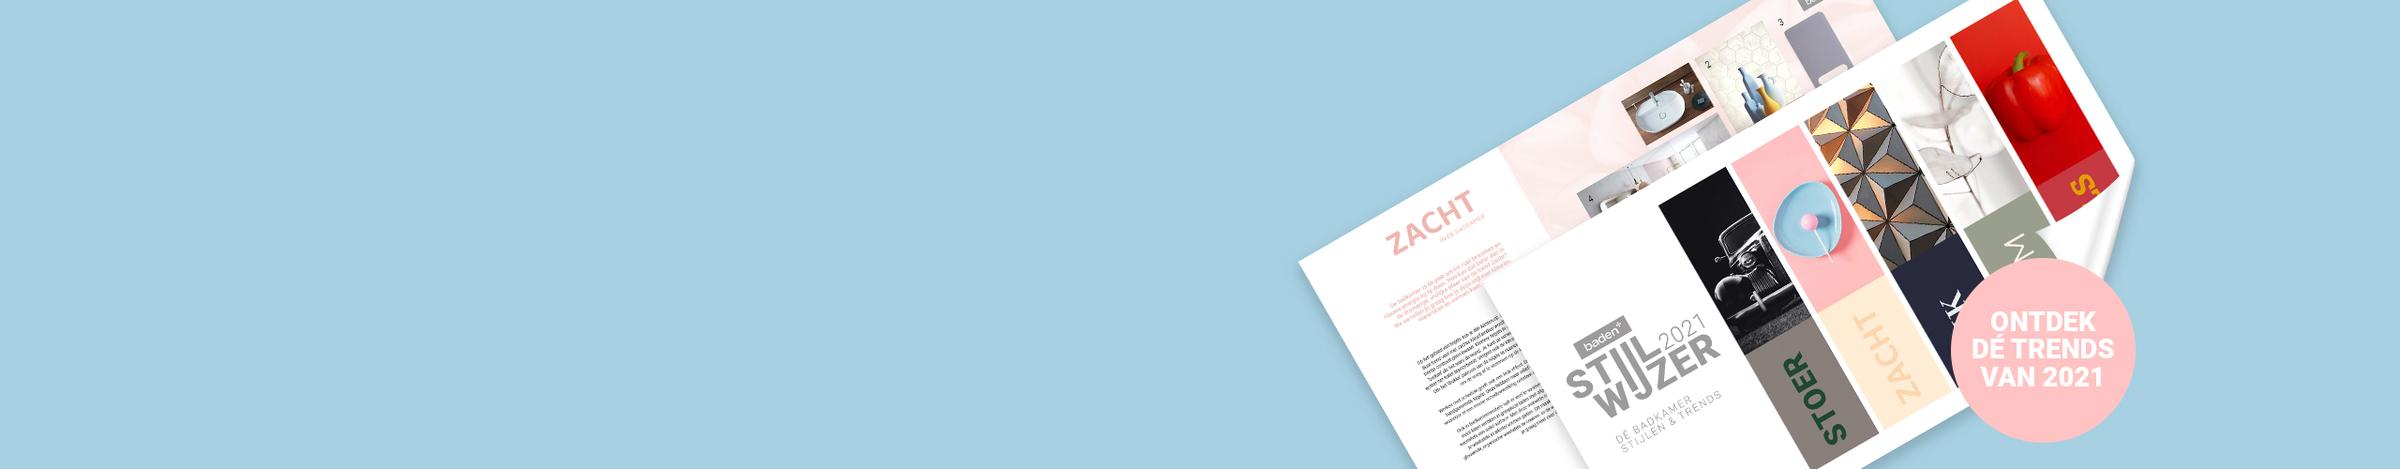 Kleur in de badkamer - Banner - Download stijlwijzer badkamertrends 2021